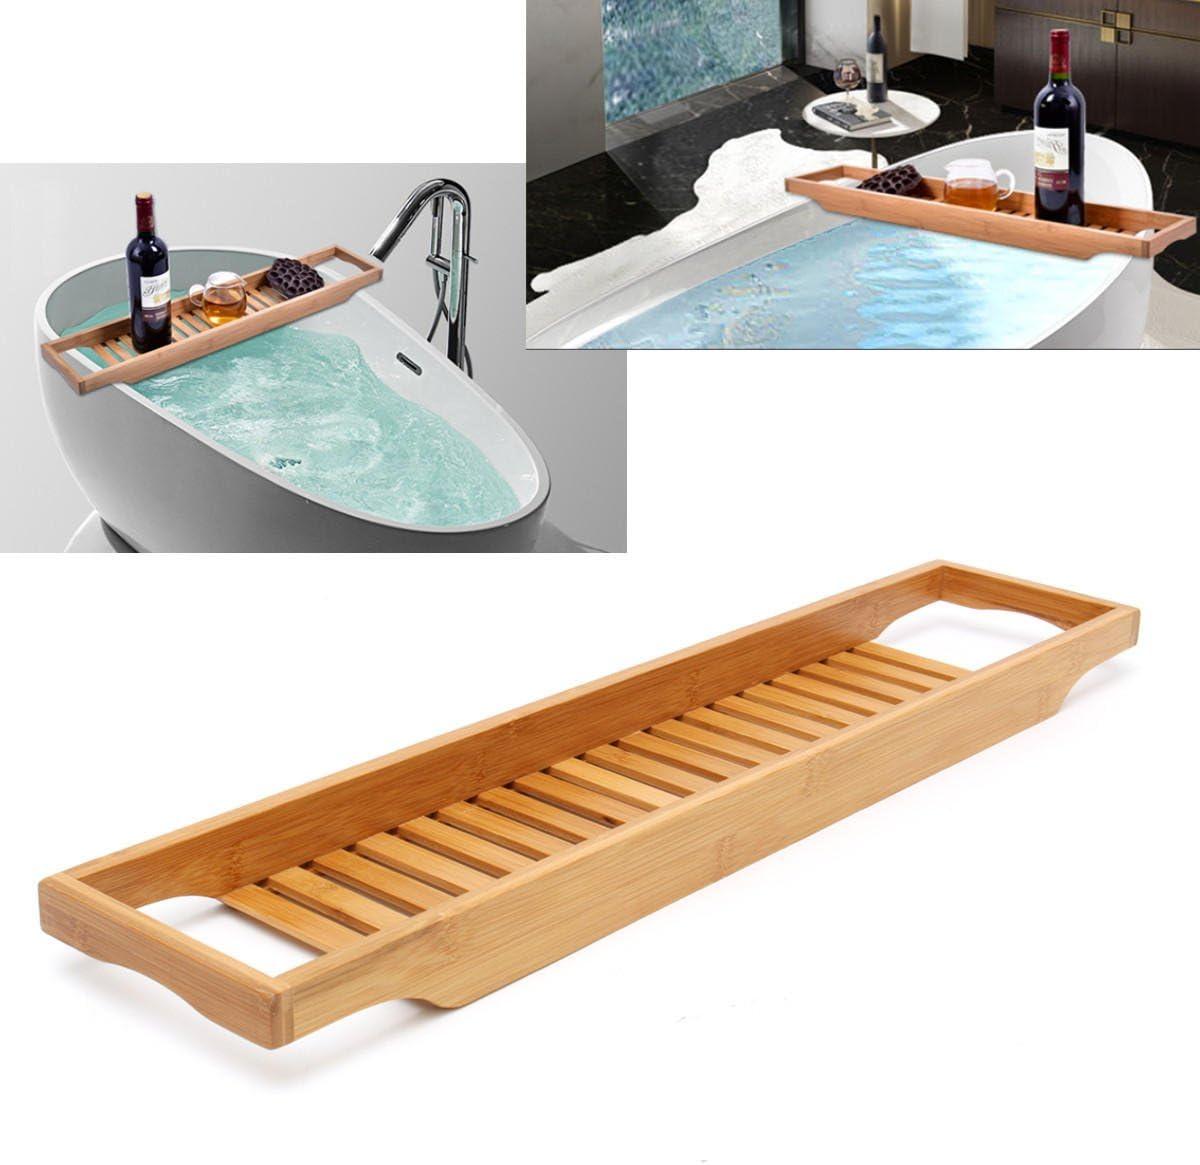 QuickShop - Estante de bambú para baño o bañera: Amazon.es ...